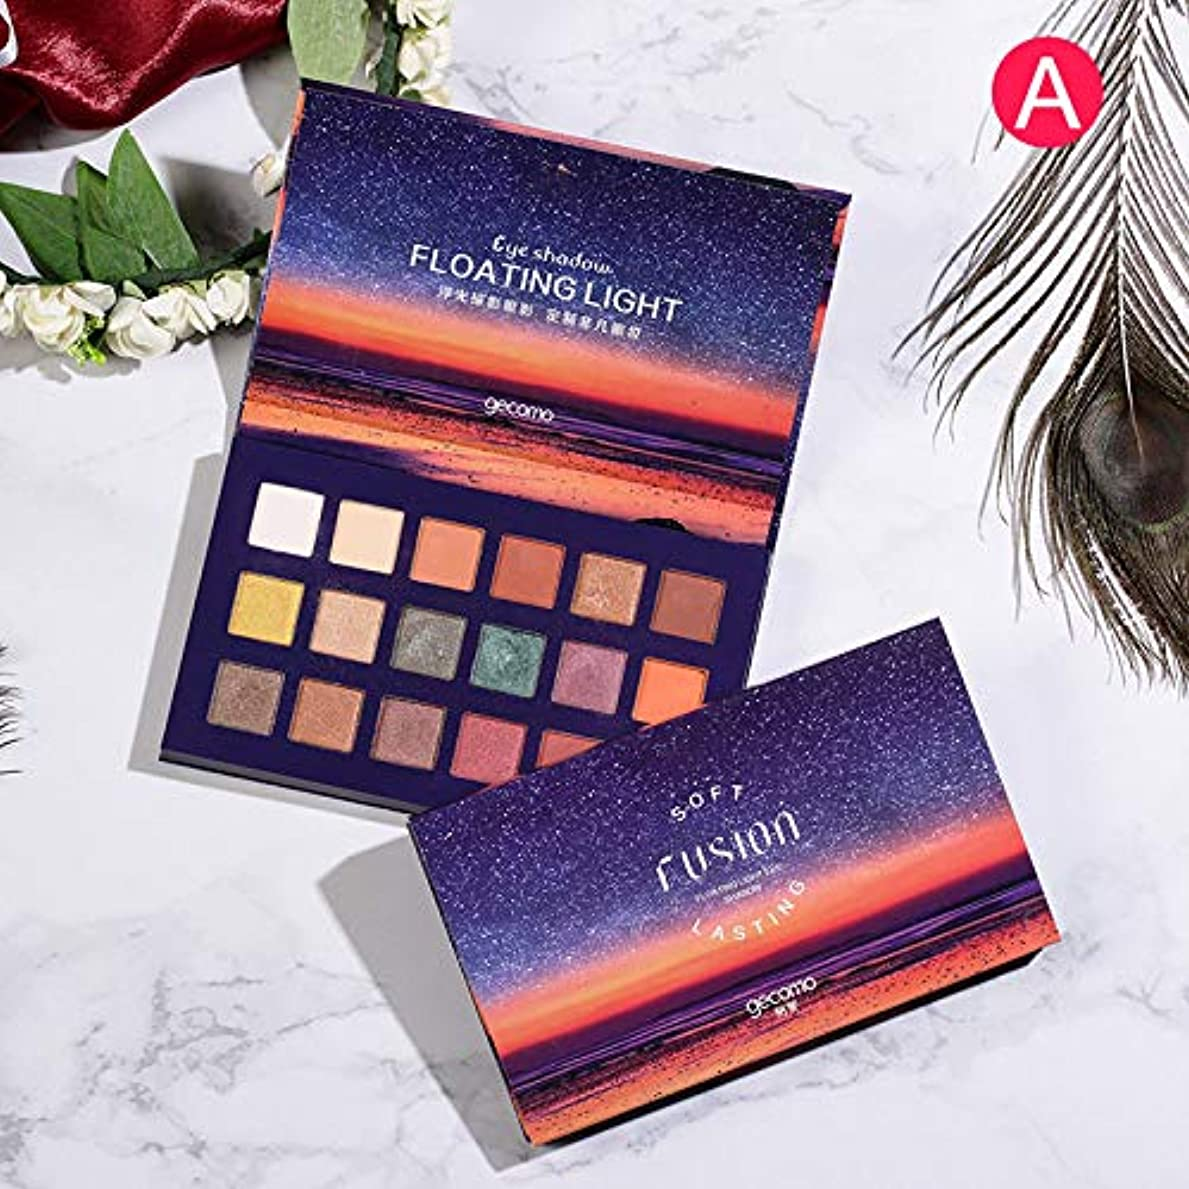 Symboat アイシャドウパレット 18色無光沢ロングラスティング フローティングライト 鮮やかな発色 化粧品 ナチュラル 自然立体 多色 化粧美容人気 完全な色調 (A)